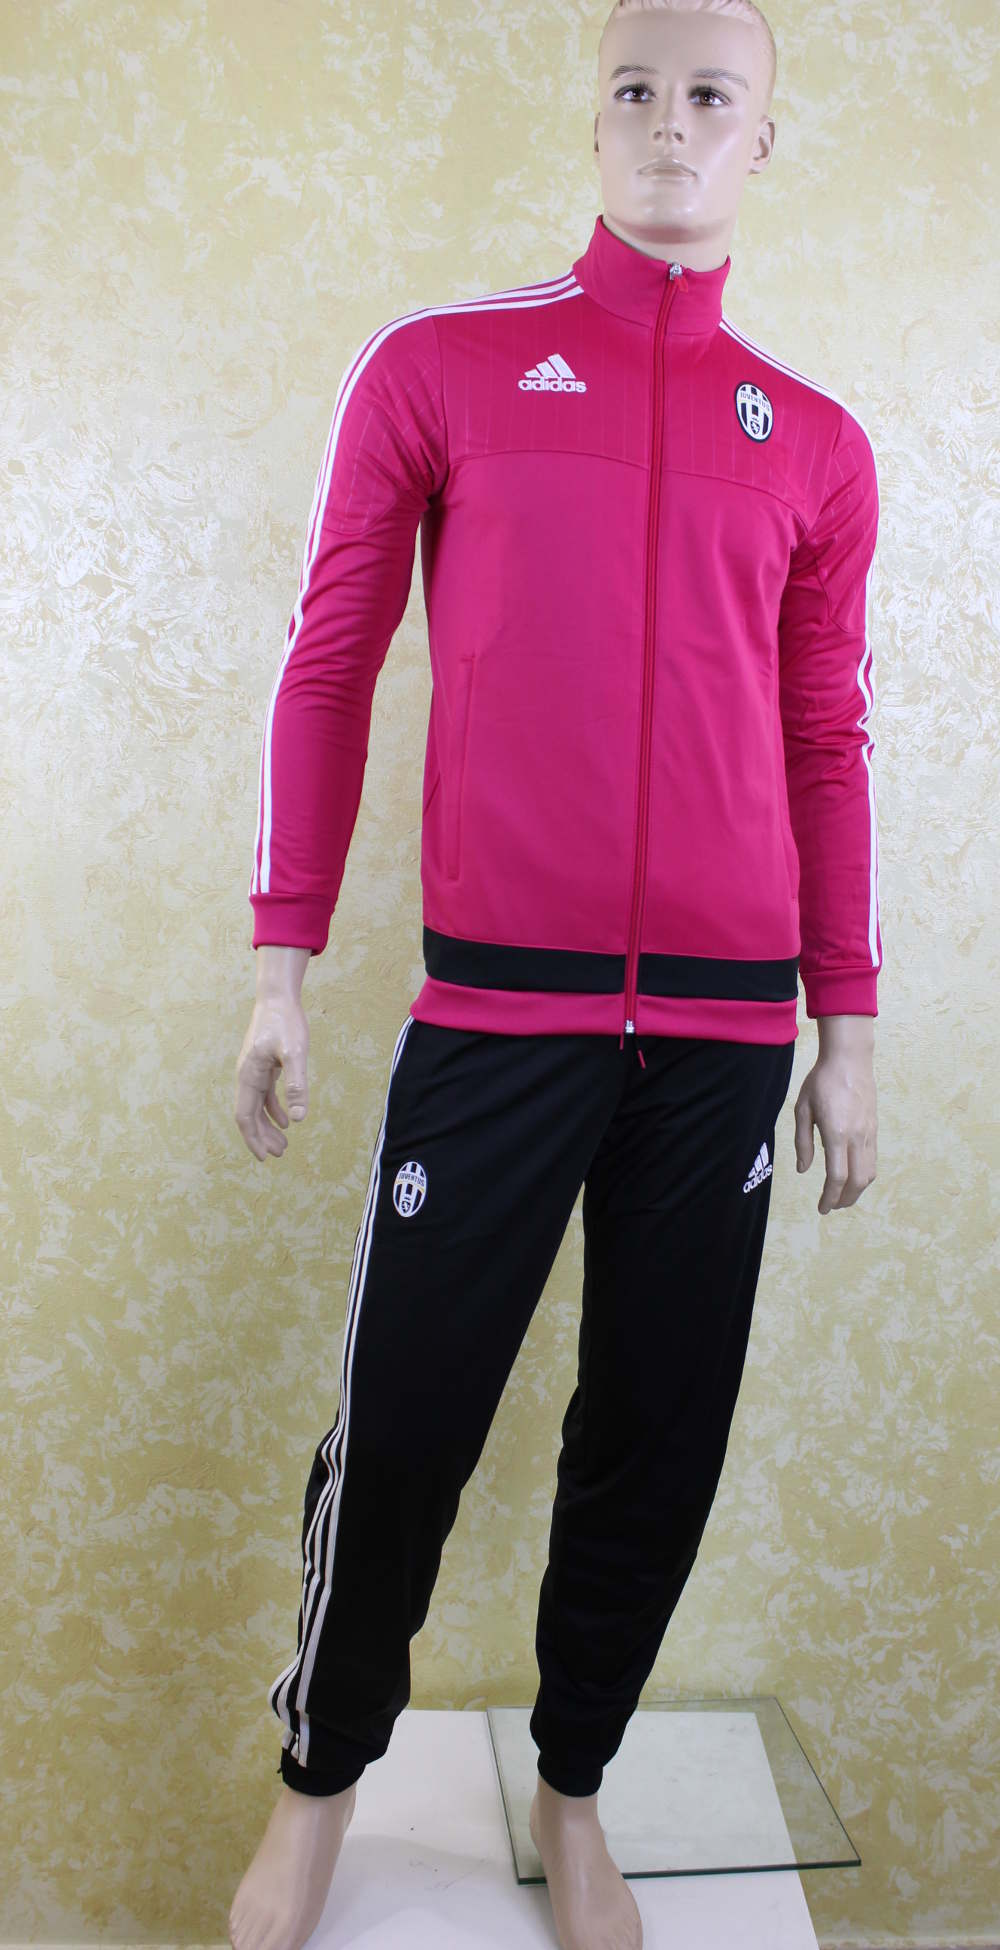 juventus turin adidas training trainingsanzug rosa 2015 16. Black Bedroom Furniture Sets. Home Design Ideas